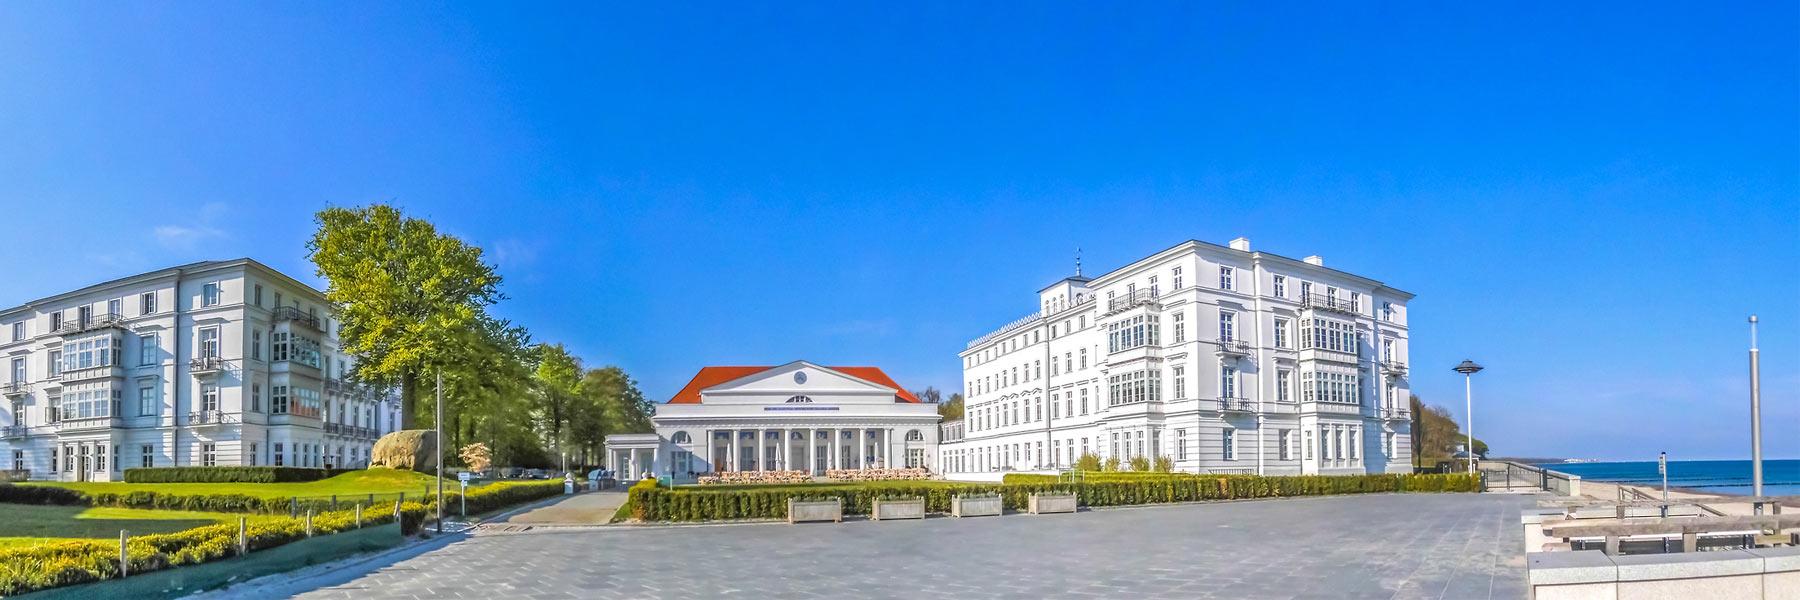 Grand Hotel - Seeheilbad Heiligendamm